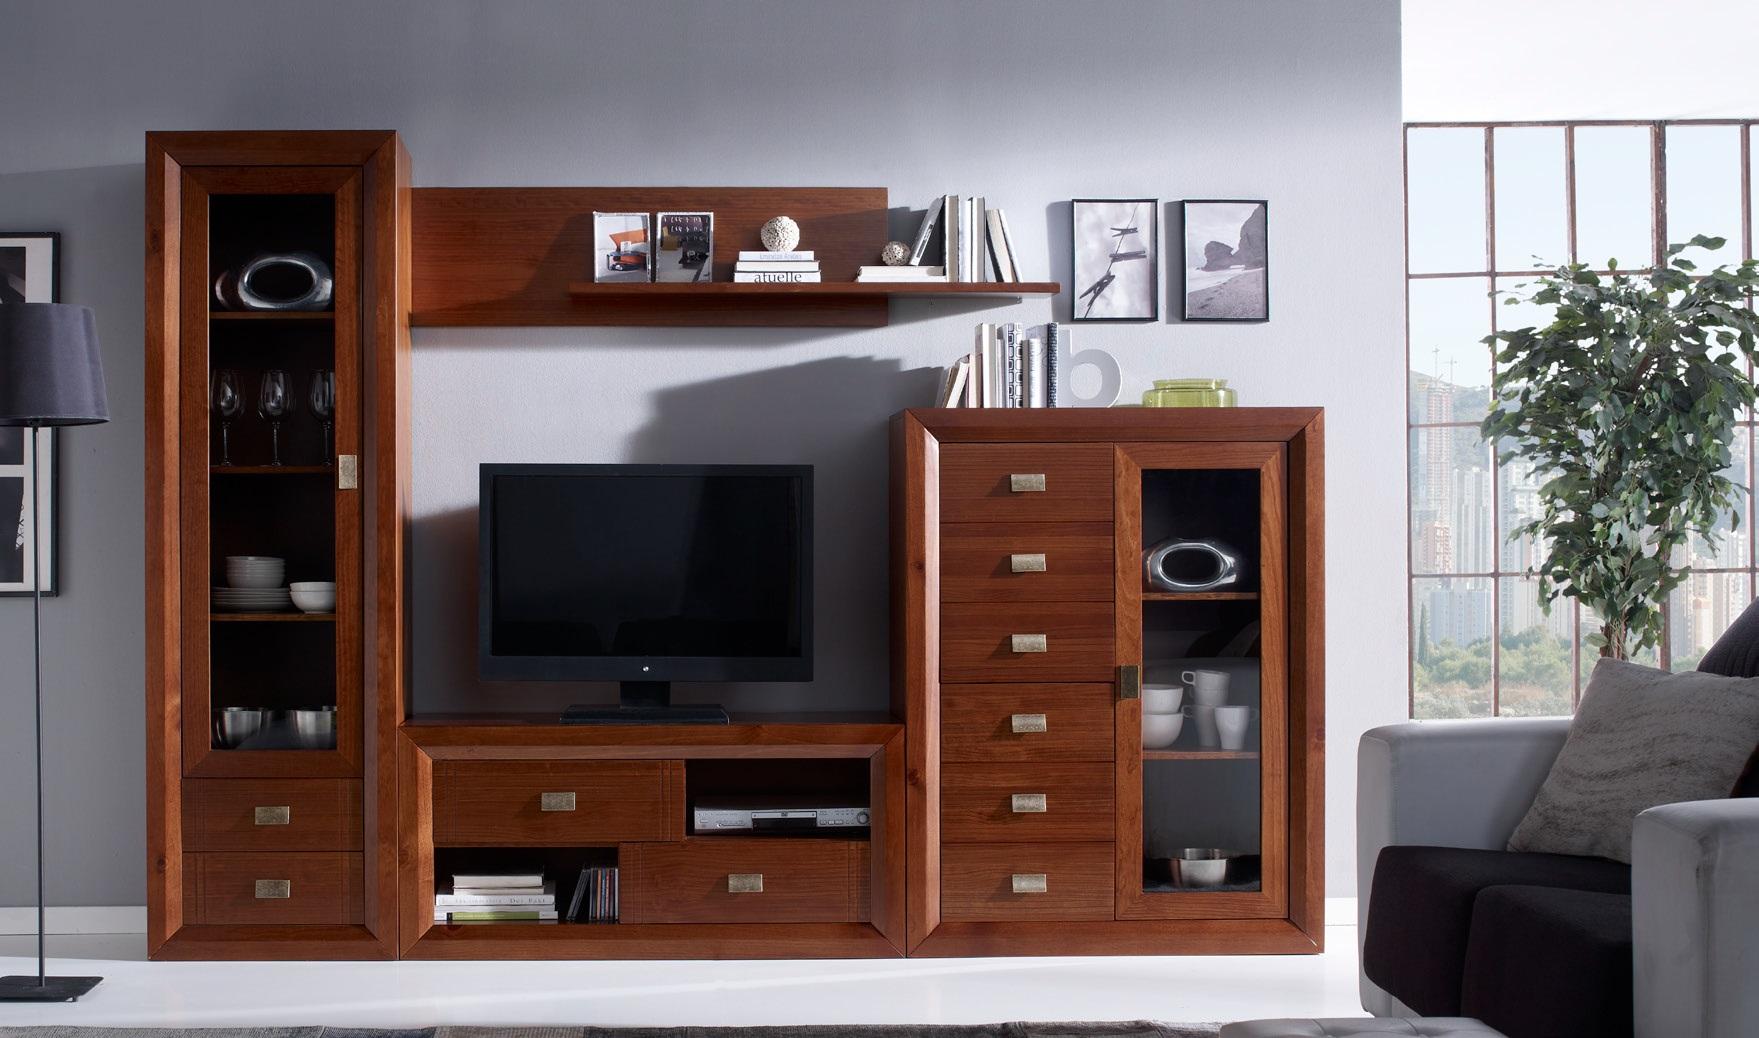 Salones tiendas de muebles en huelva muebles baratos for Muebles huelva